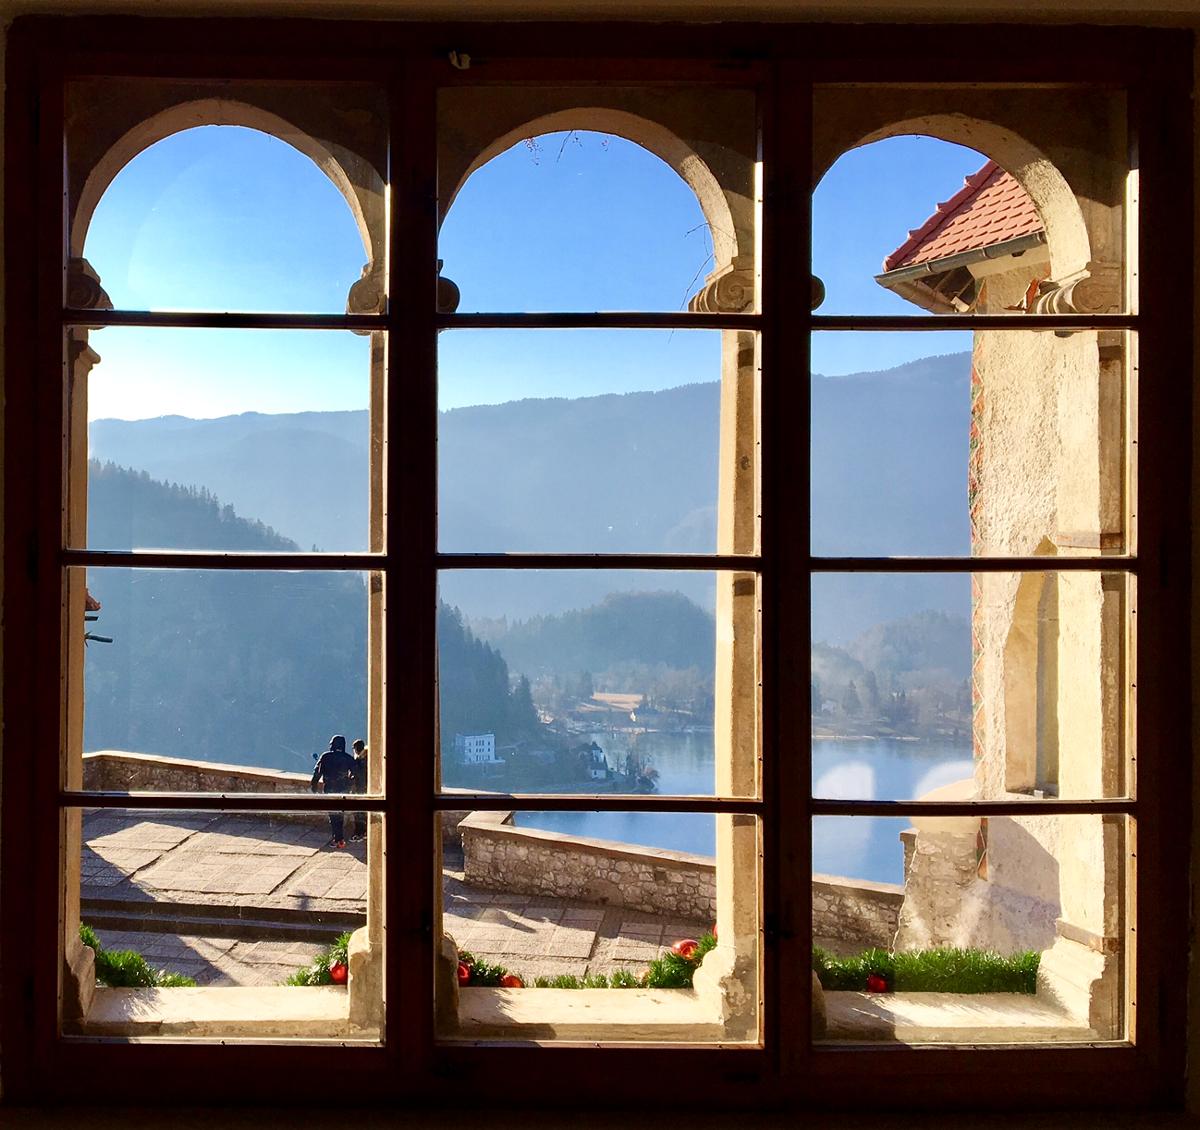 dal castello di Bled Slovenia